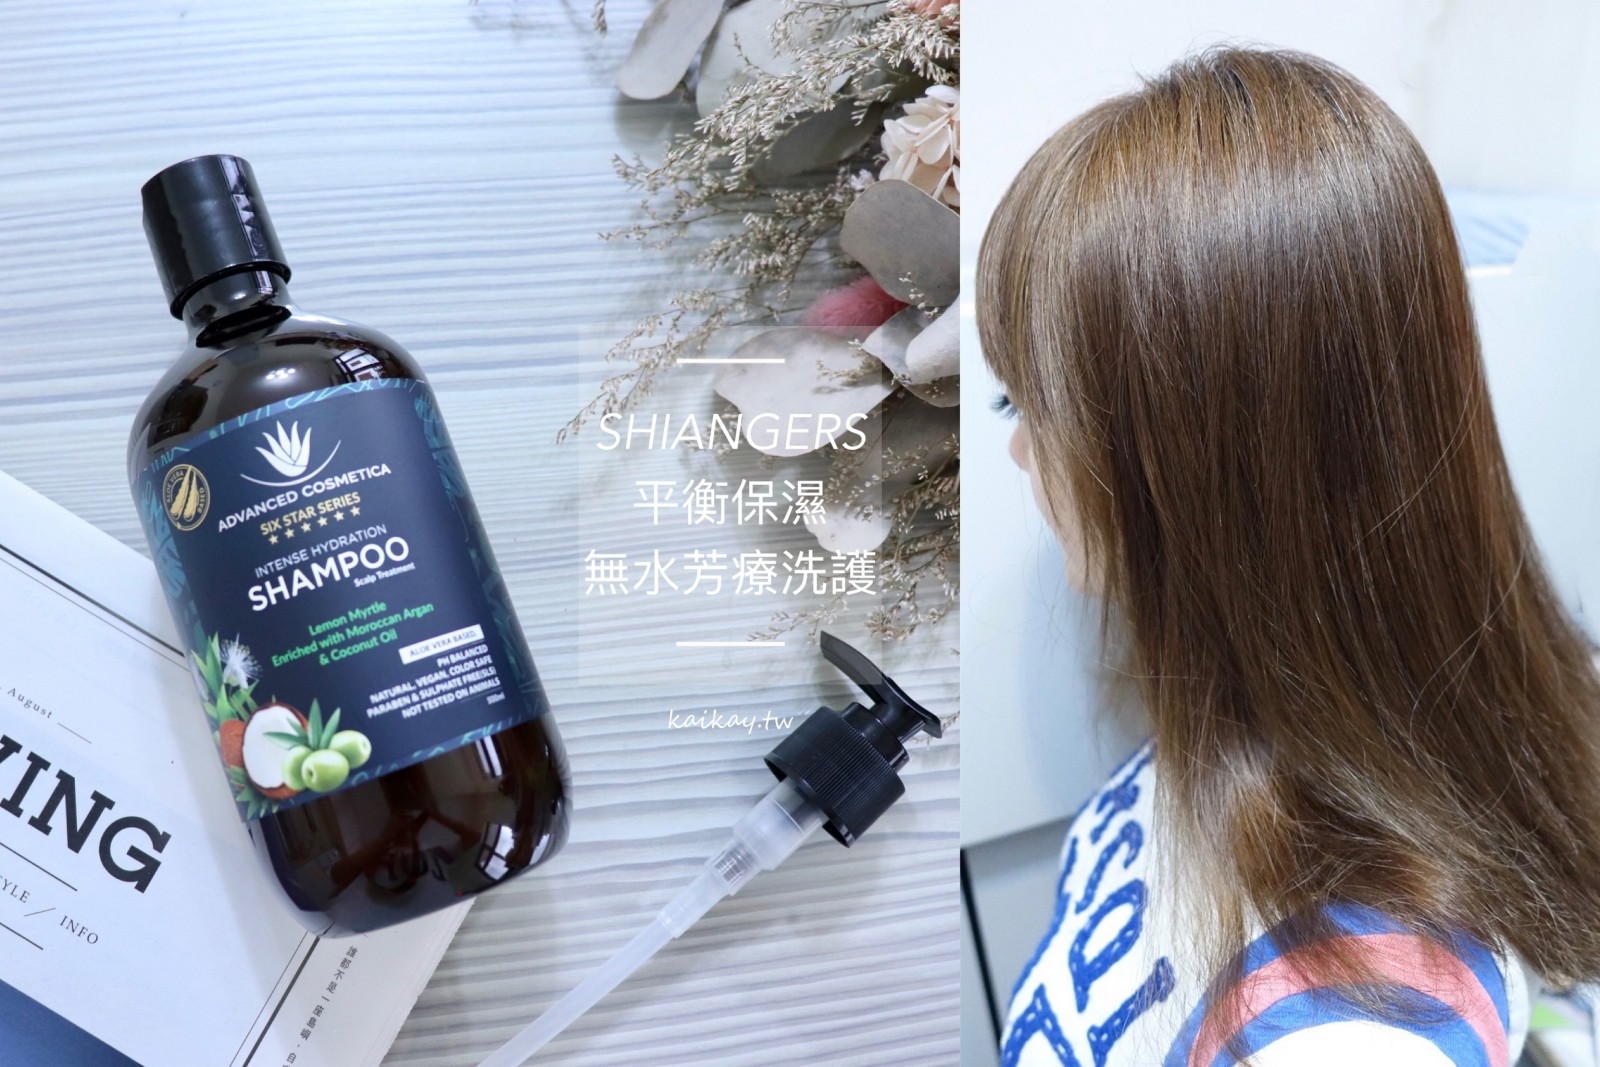 即時熱門文章:☆【清潔】敏感頭皮也能飄出香噴噴髮絲。香爵-平衡保濕無水芳療洗髮精